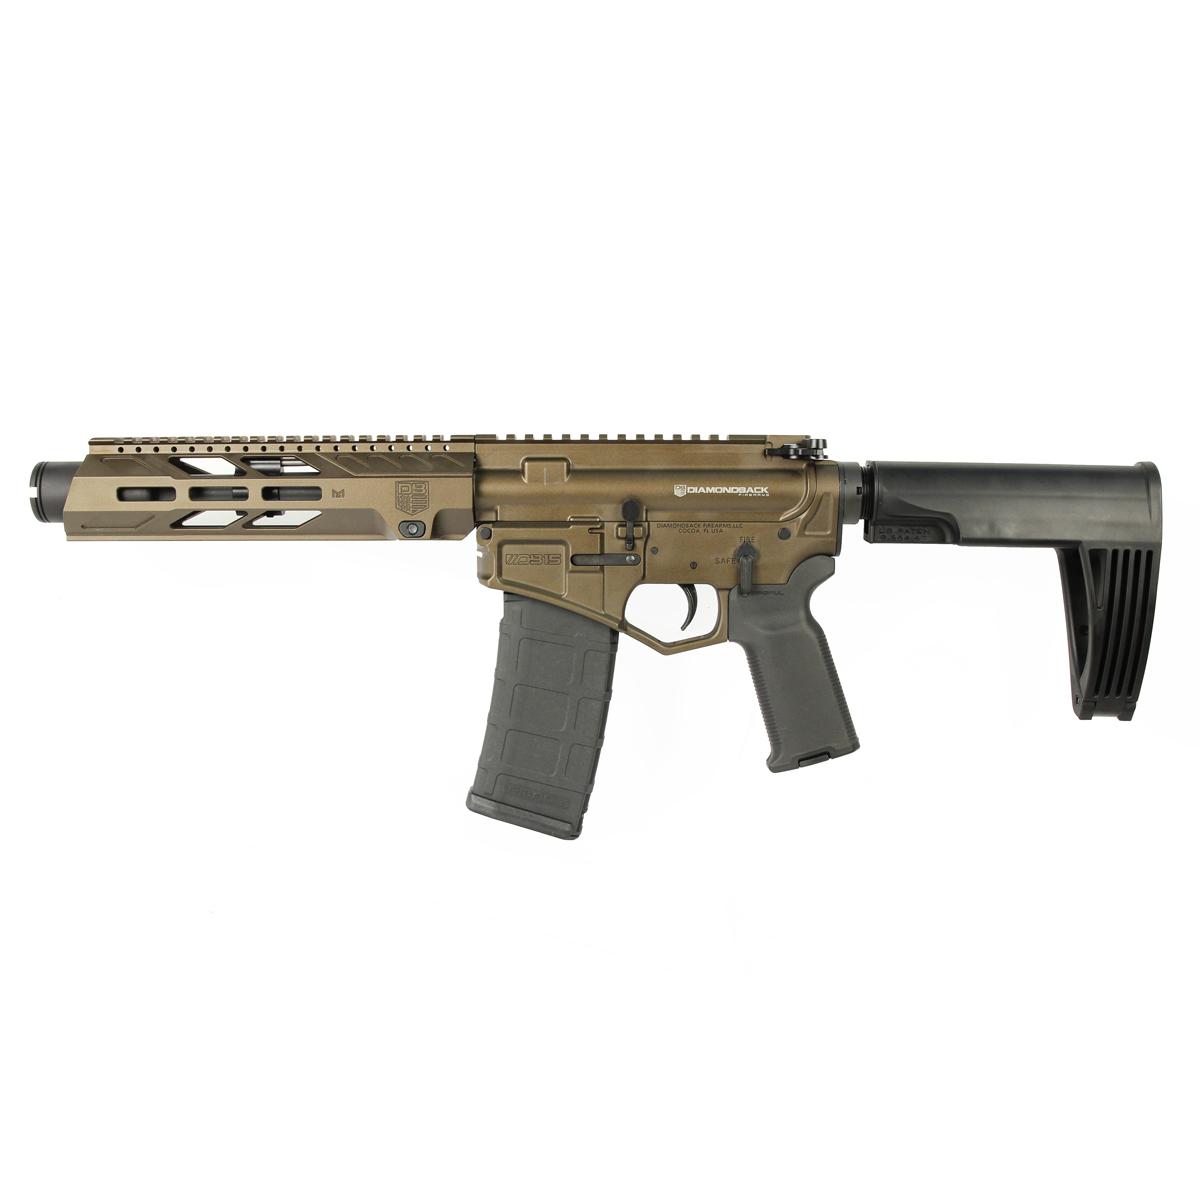 Diamondback DB15 Pistol 5.56 NATO 7